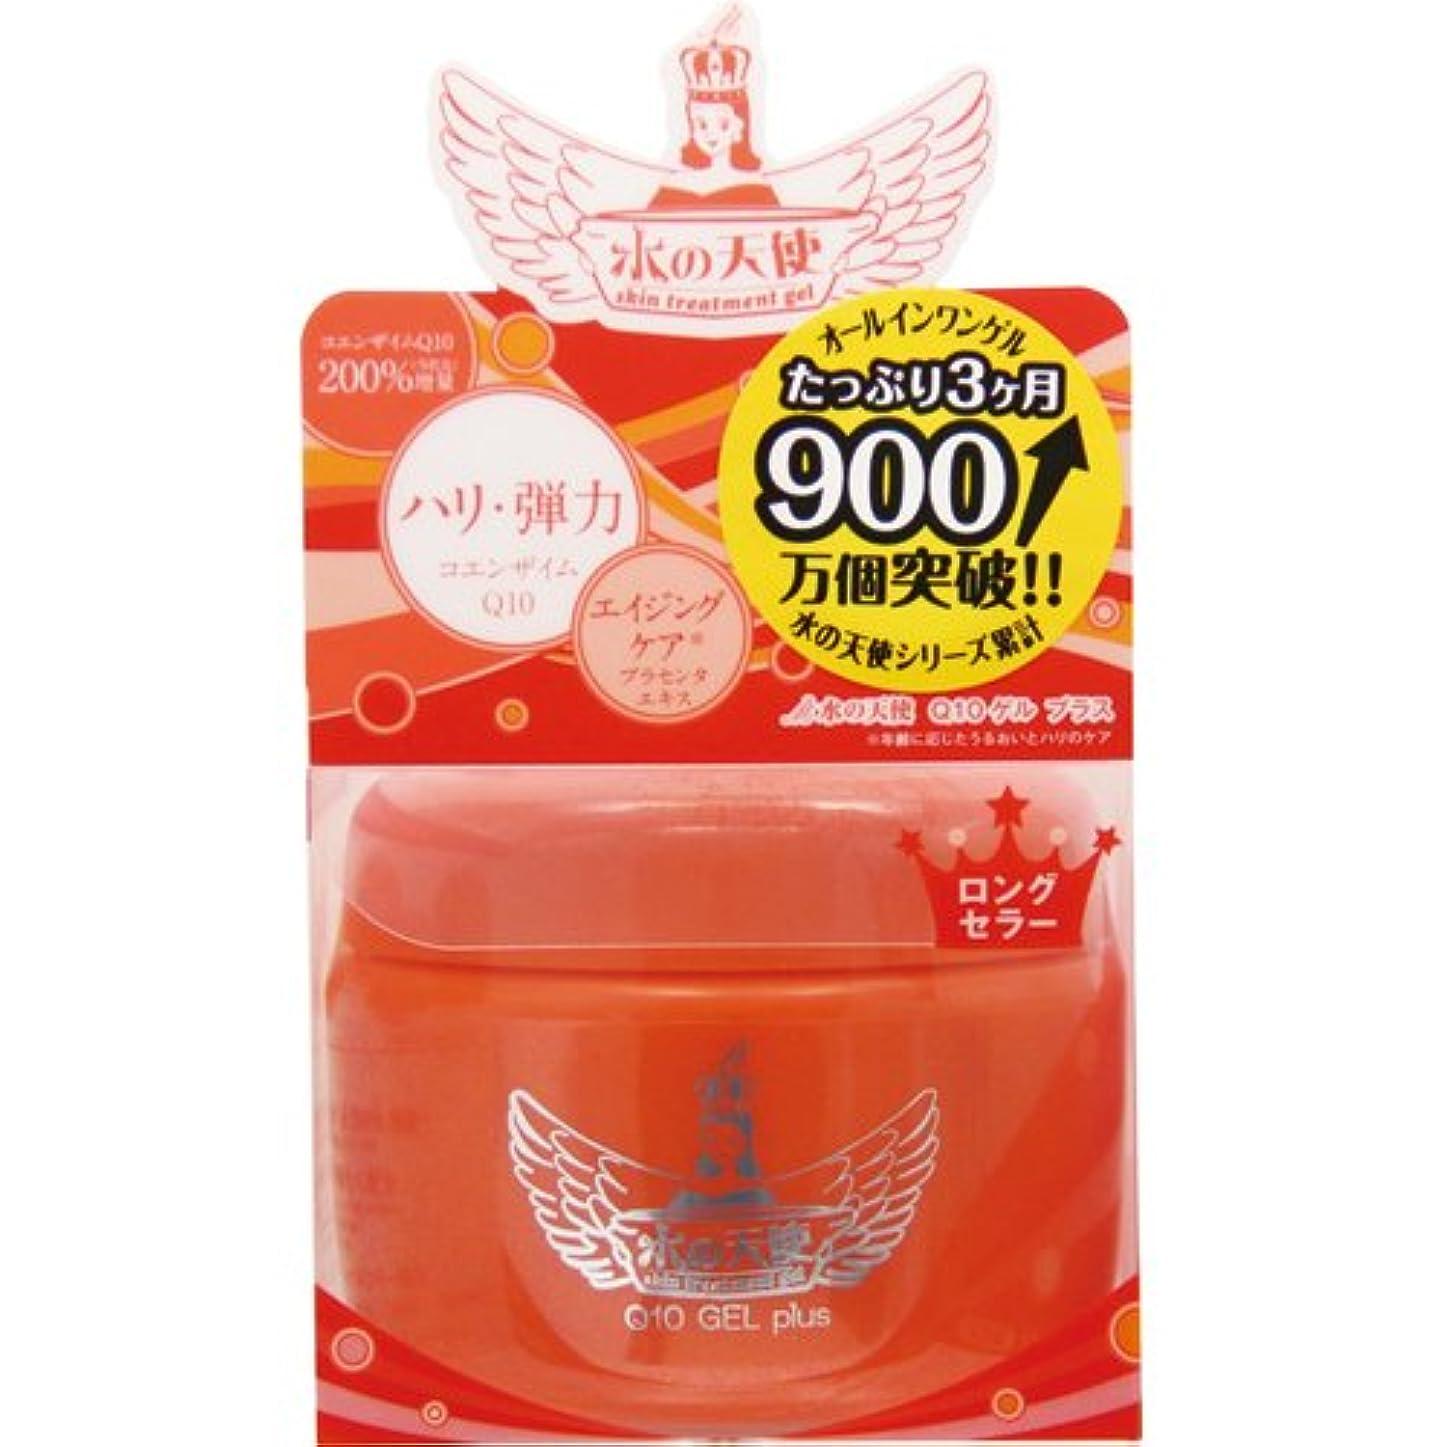 ミンチコミットメントチャンバー水の天使 Q10ゲルプラス 150g